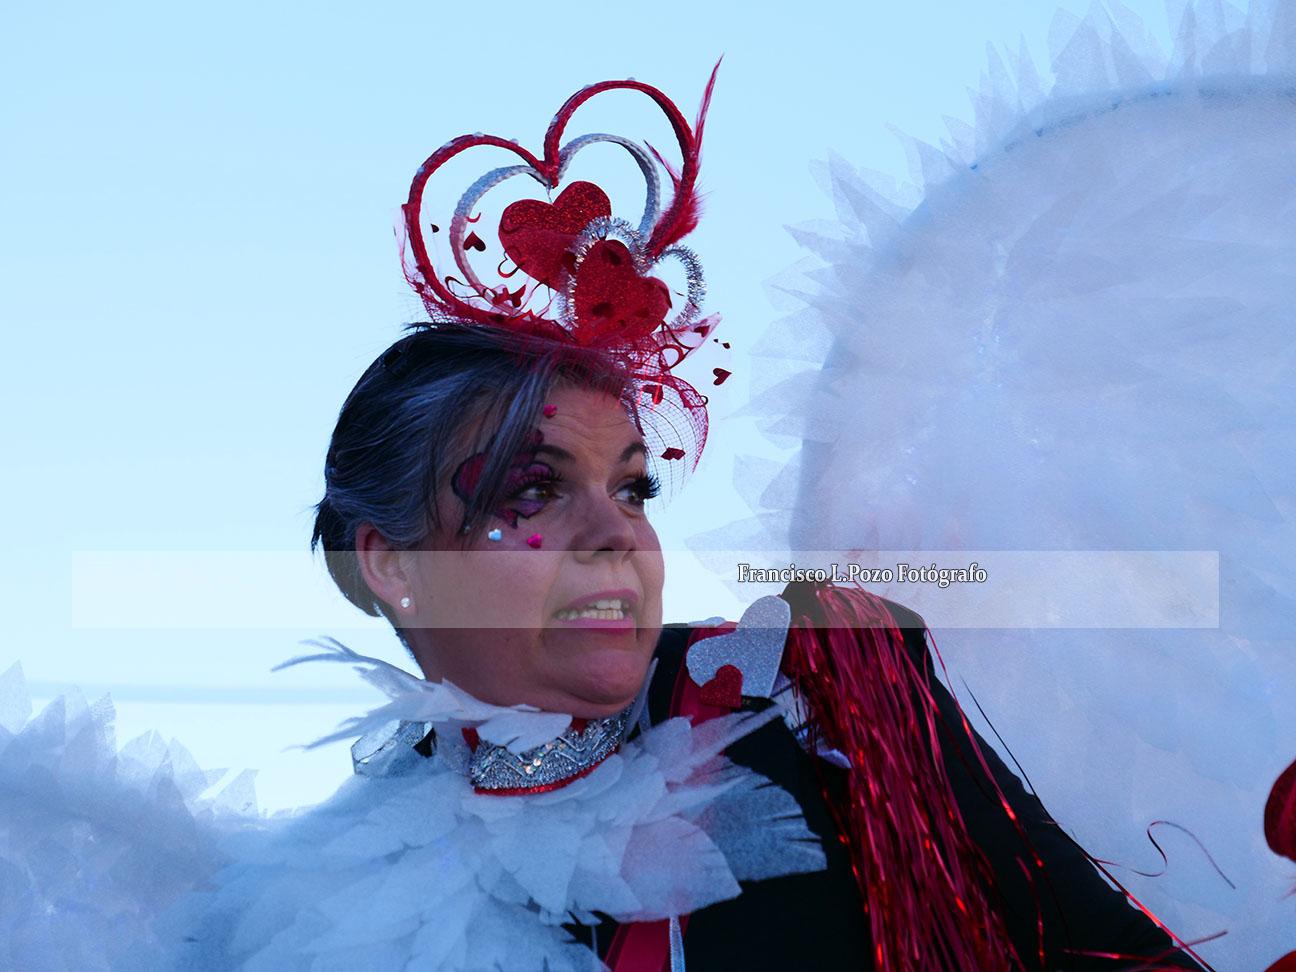 Carnaval 2020: Camponaraya sale a la calle a ritmo de comparsa 95